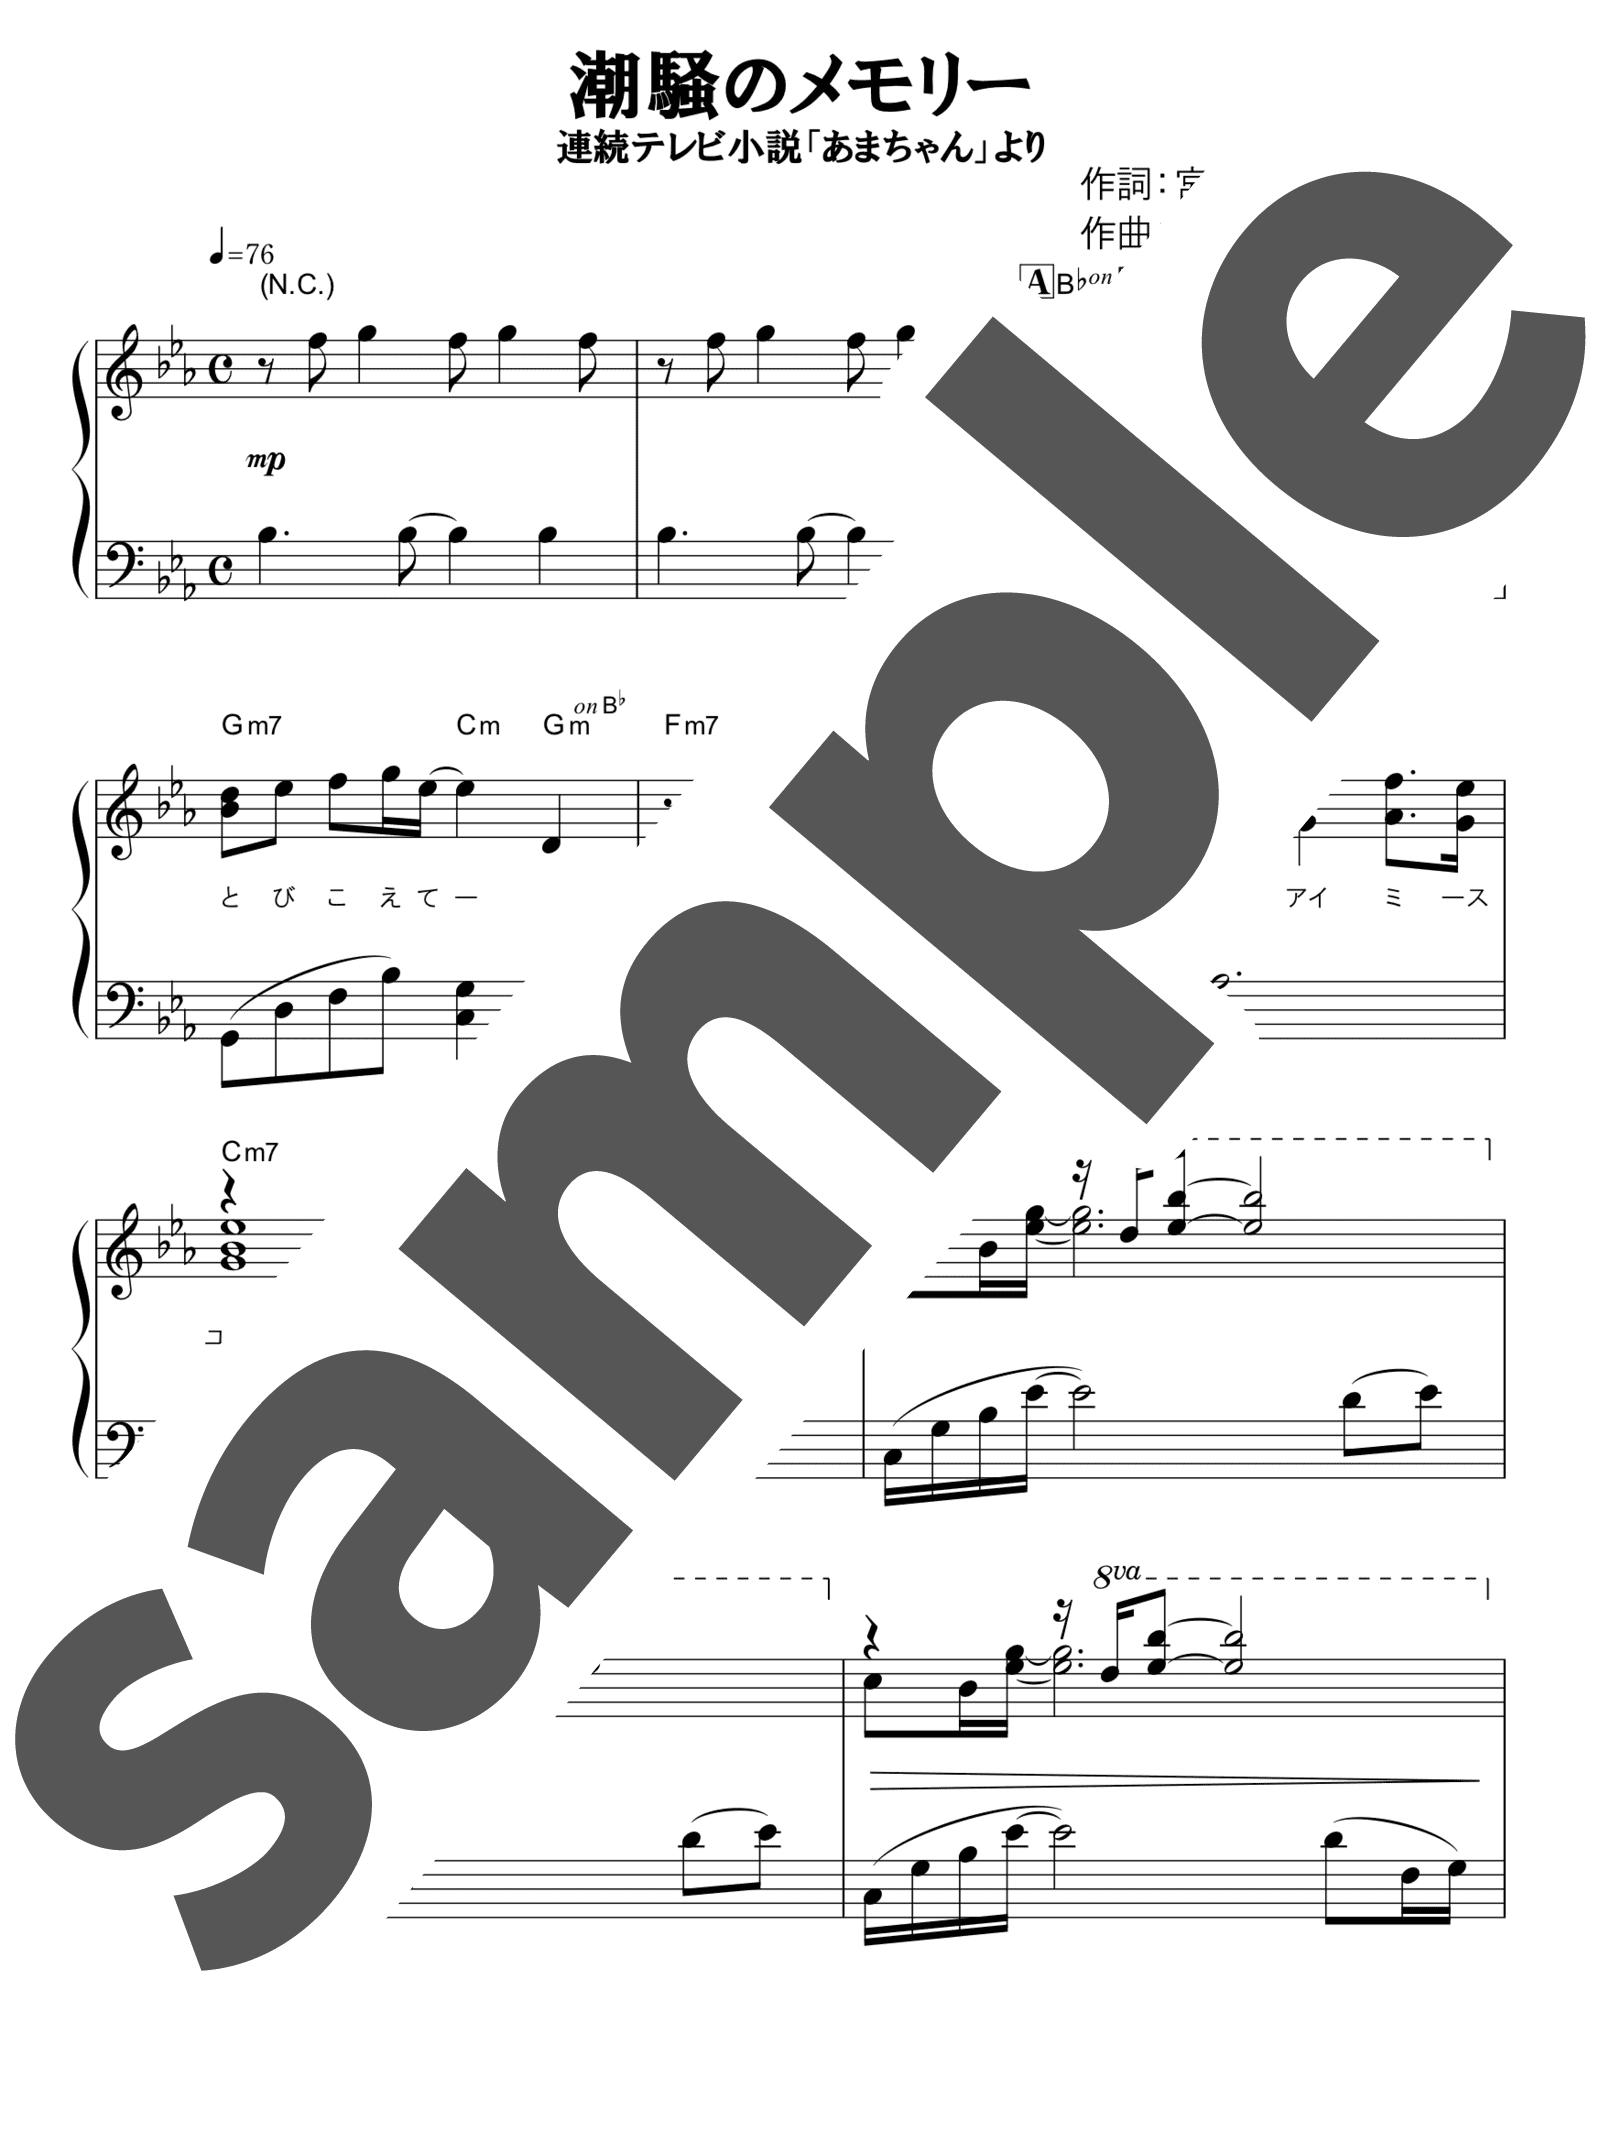 「潮騒のメモリー」のサンプル楽譜